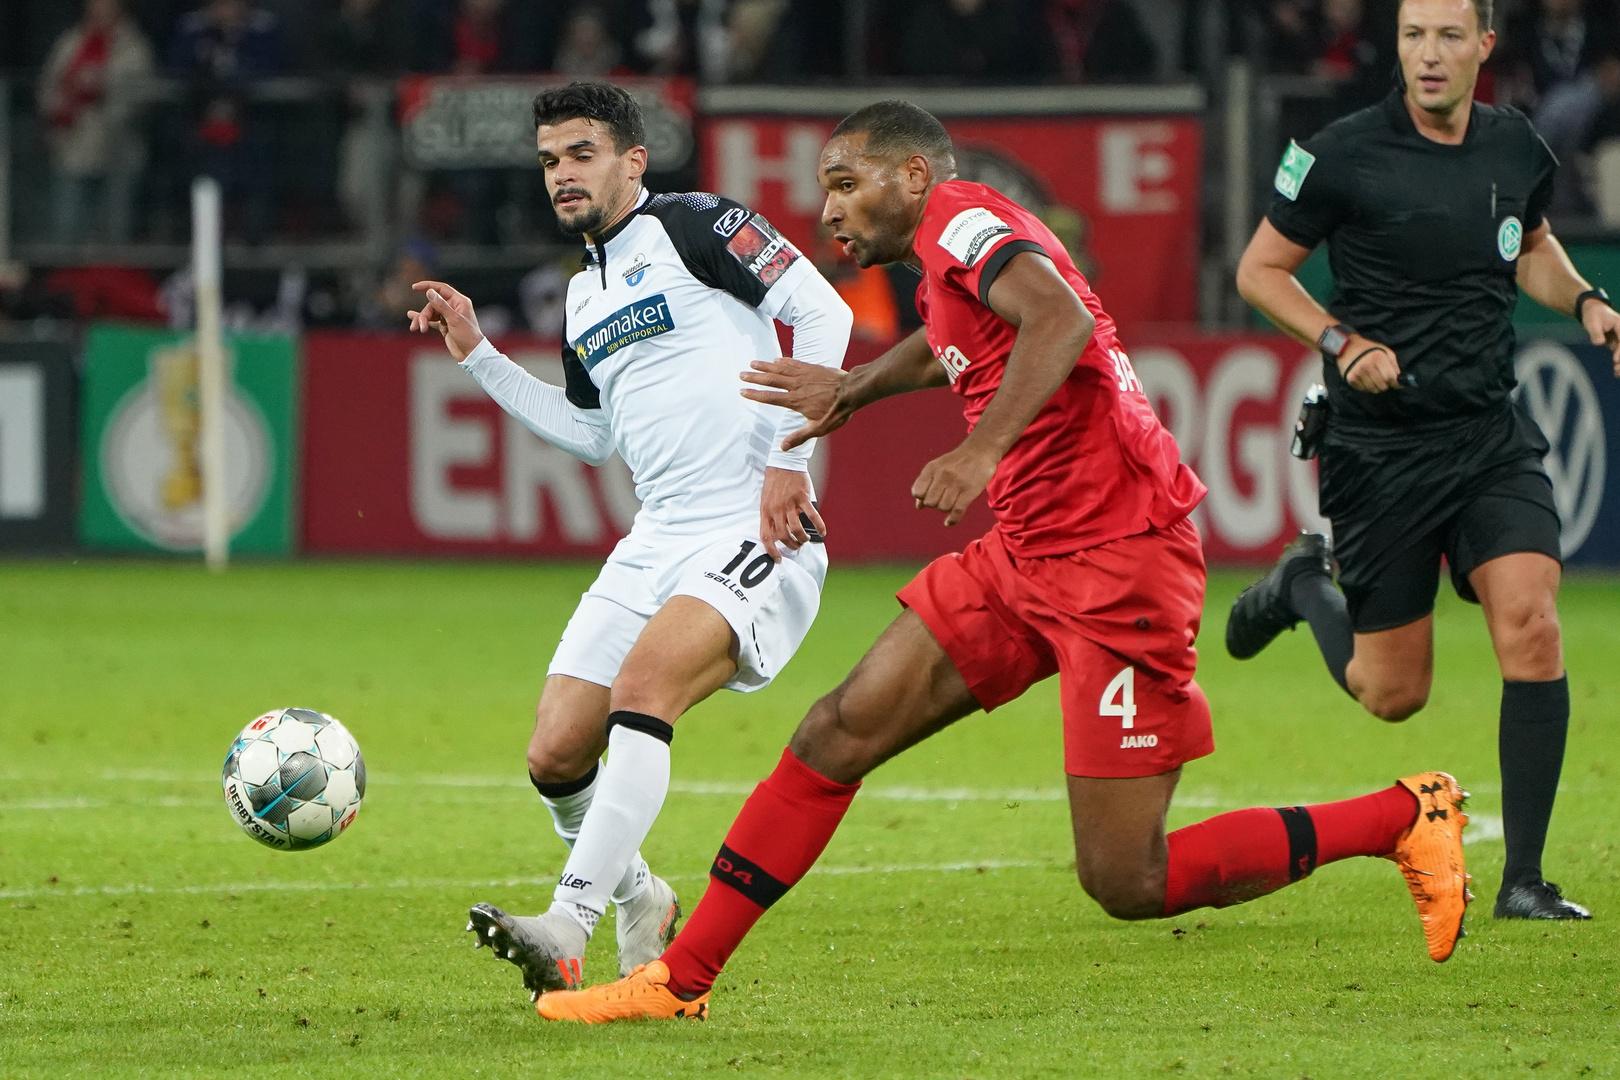 Dfb Pokal Leverkusen